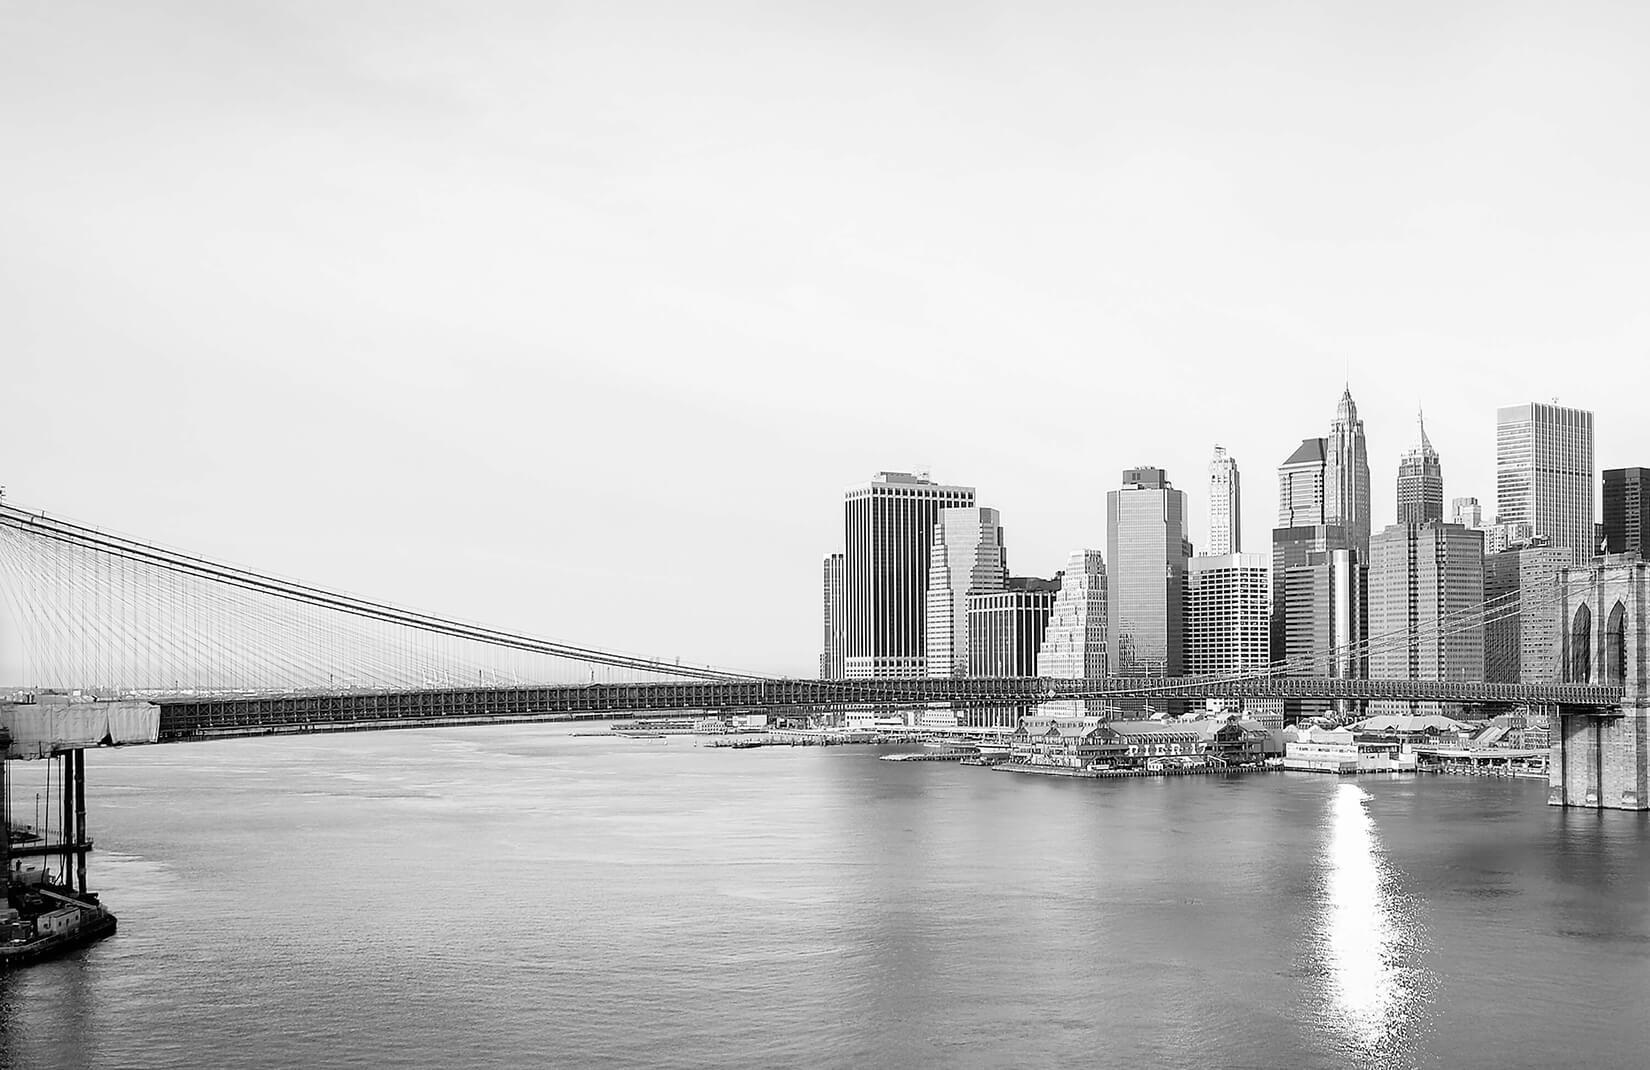 Black And White New York Skyline Wallpaper Muralswallpaper New York Landscape White City London Black And White Landscape